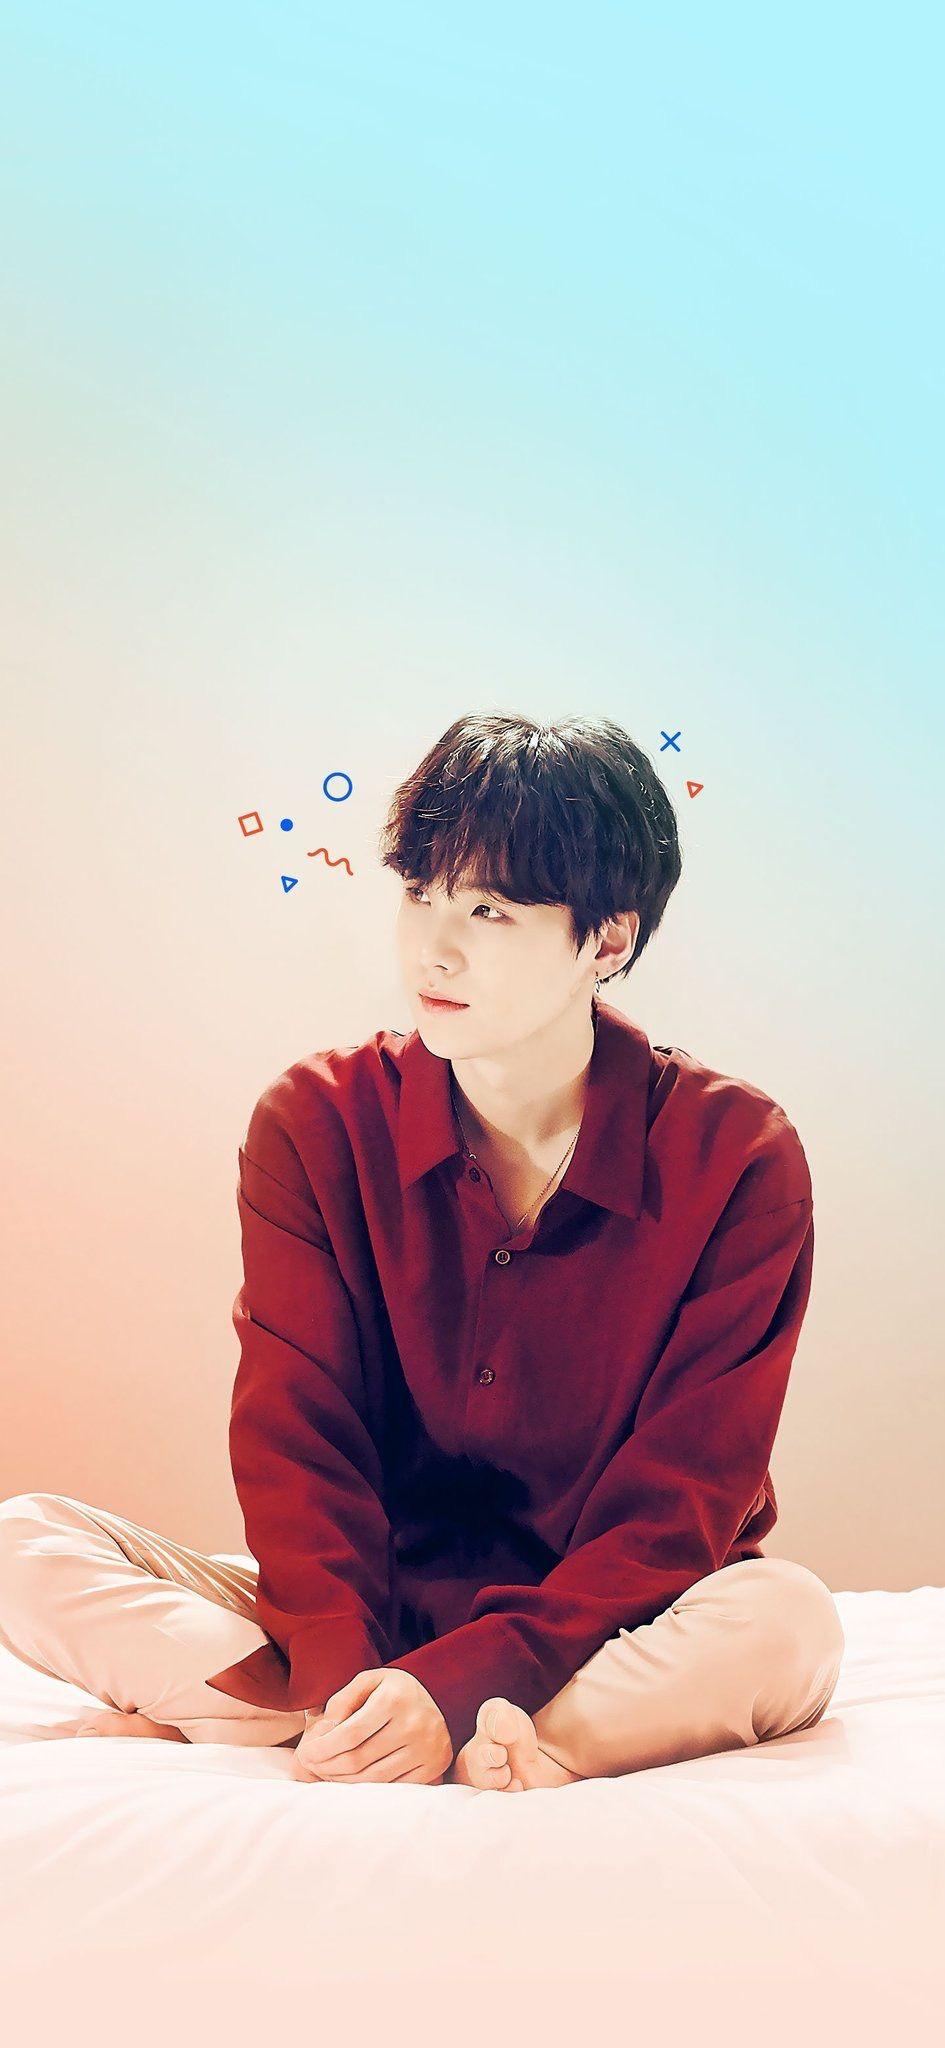 LG SUGA WALLPAPER in 2019 Min yoongi bts, Bts suga, Bts